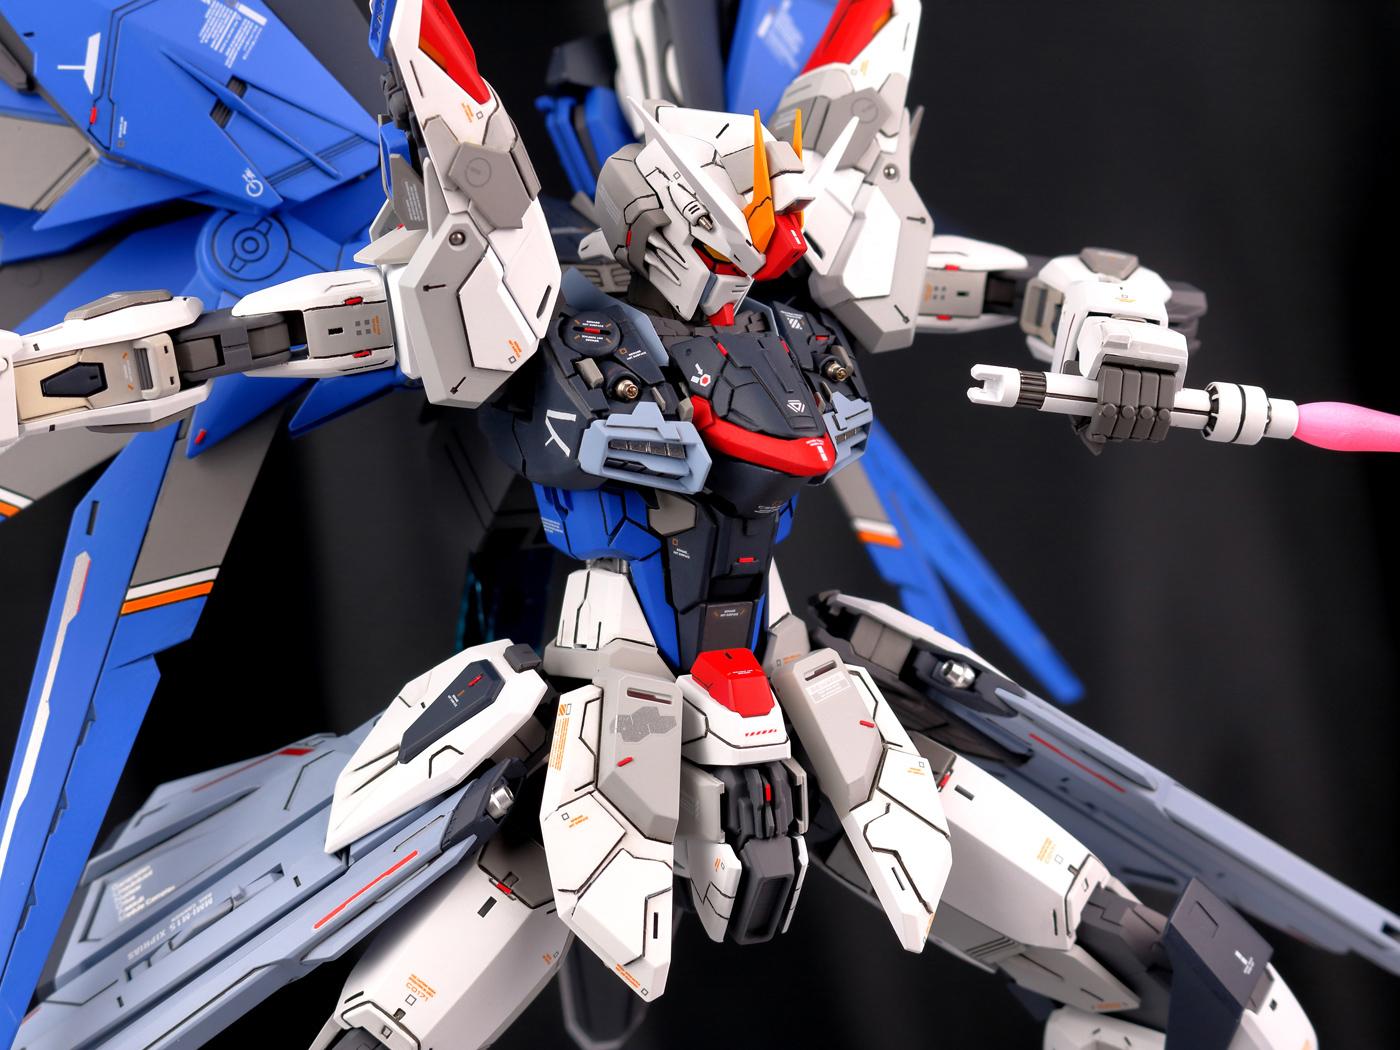 GUNDAM GUY MG 1/100 Freedom Gundam Ver. 2.0 Customized